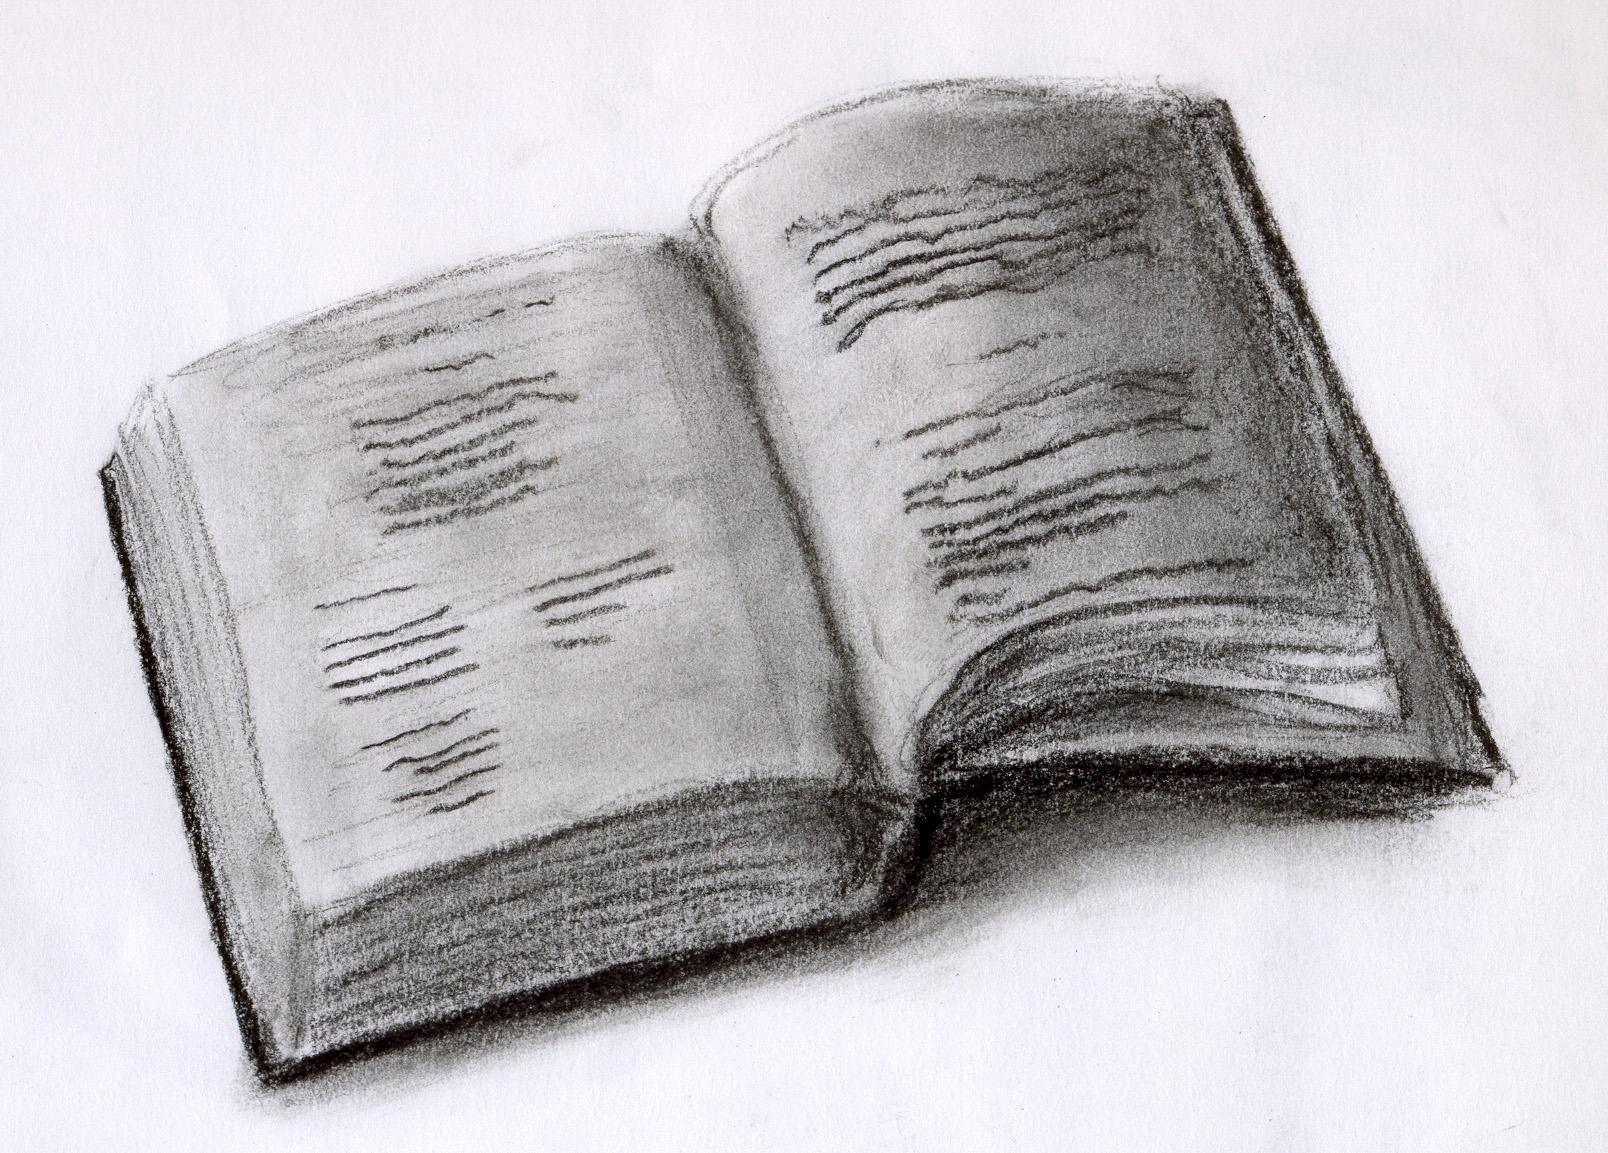 an open book by aChairAndI on DeviantArt